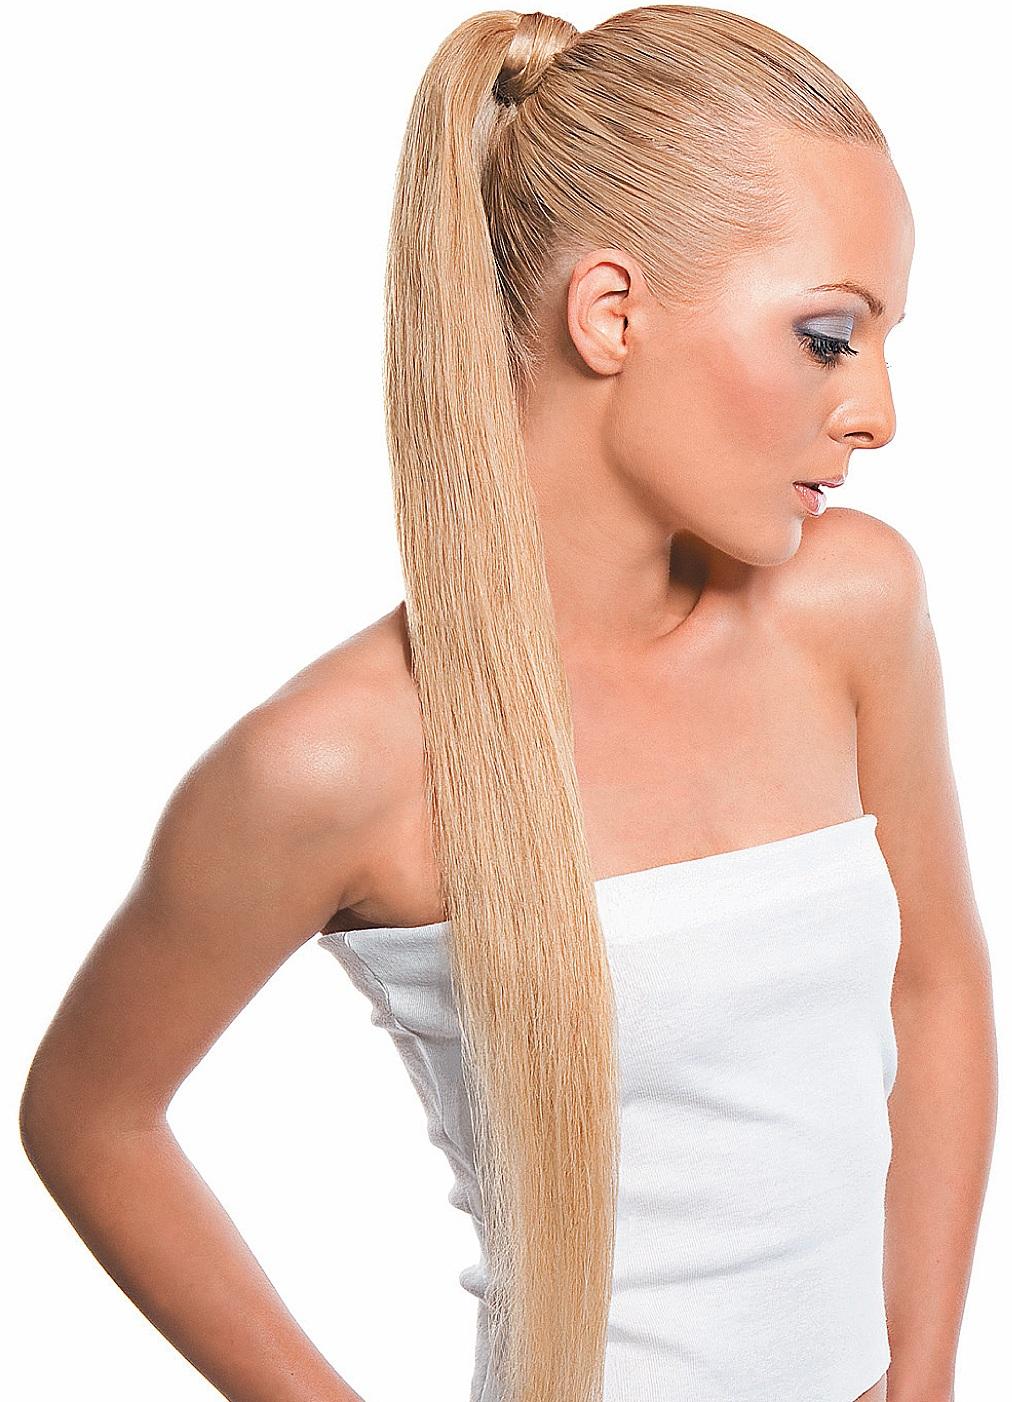 красивые прически на длинные волосы - прически Конский хвост: классика не выходит из моды.